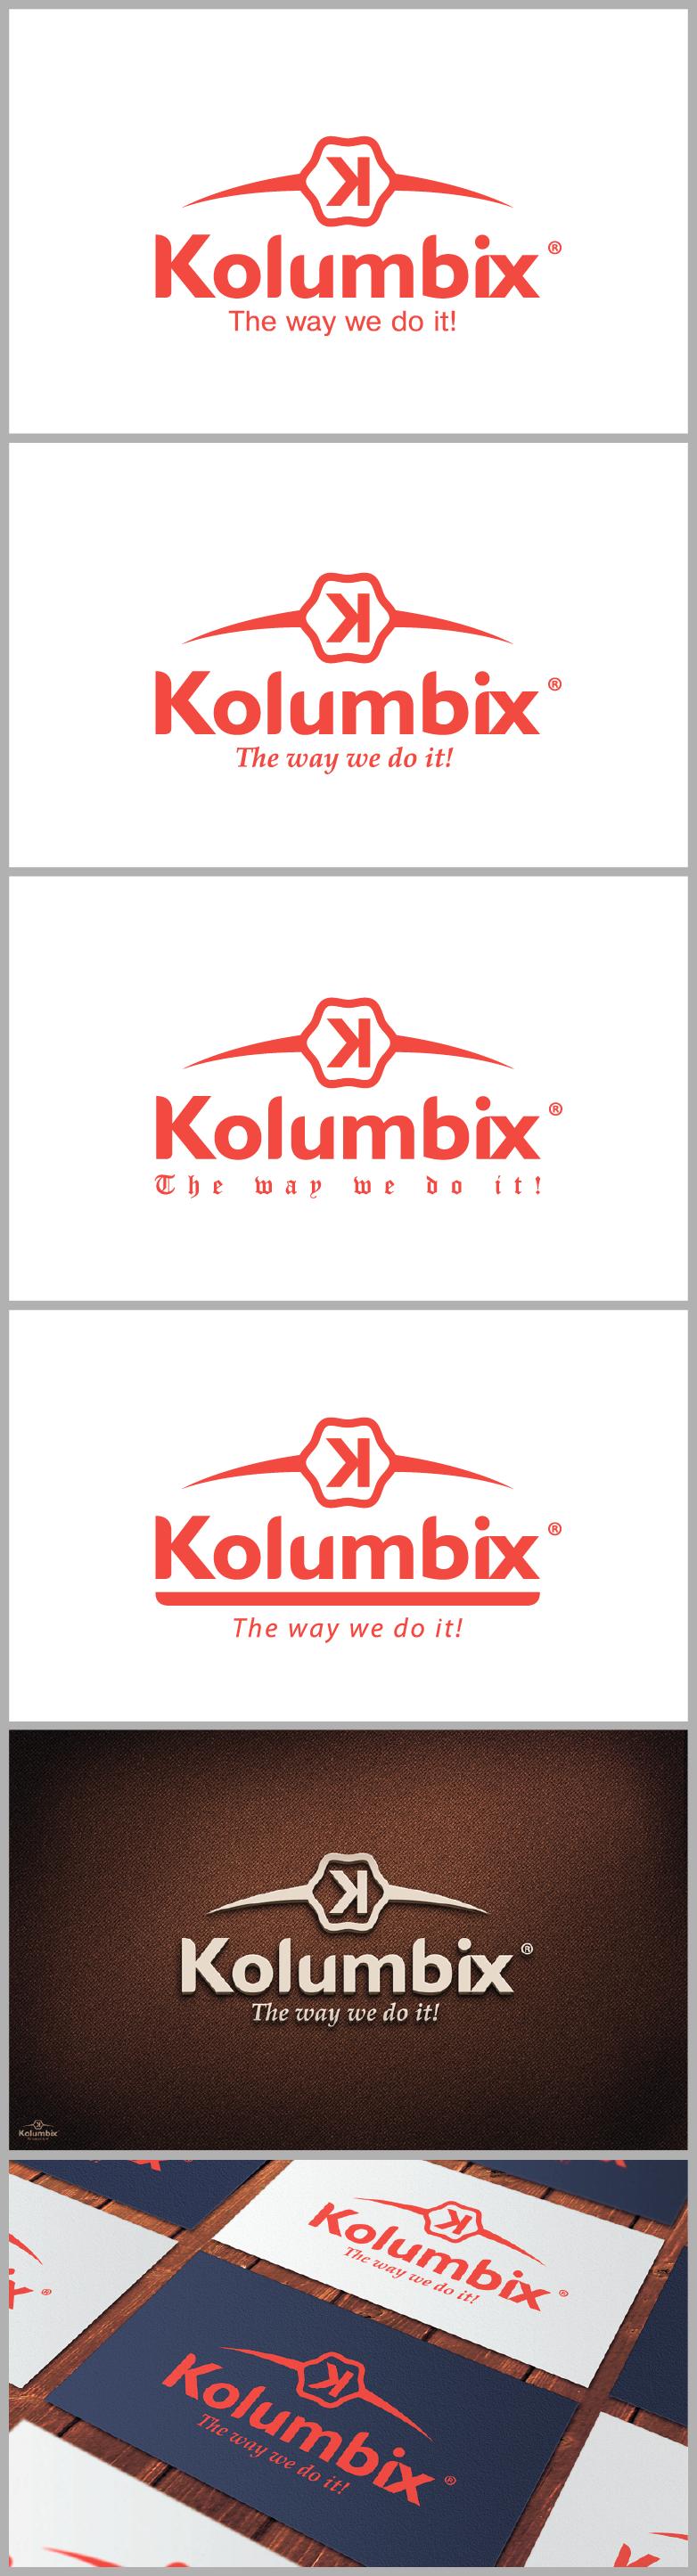 Создание логотипа для туристической фирмы Kolumbix фото f_4fb984d74af21.png